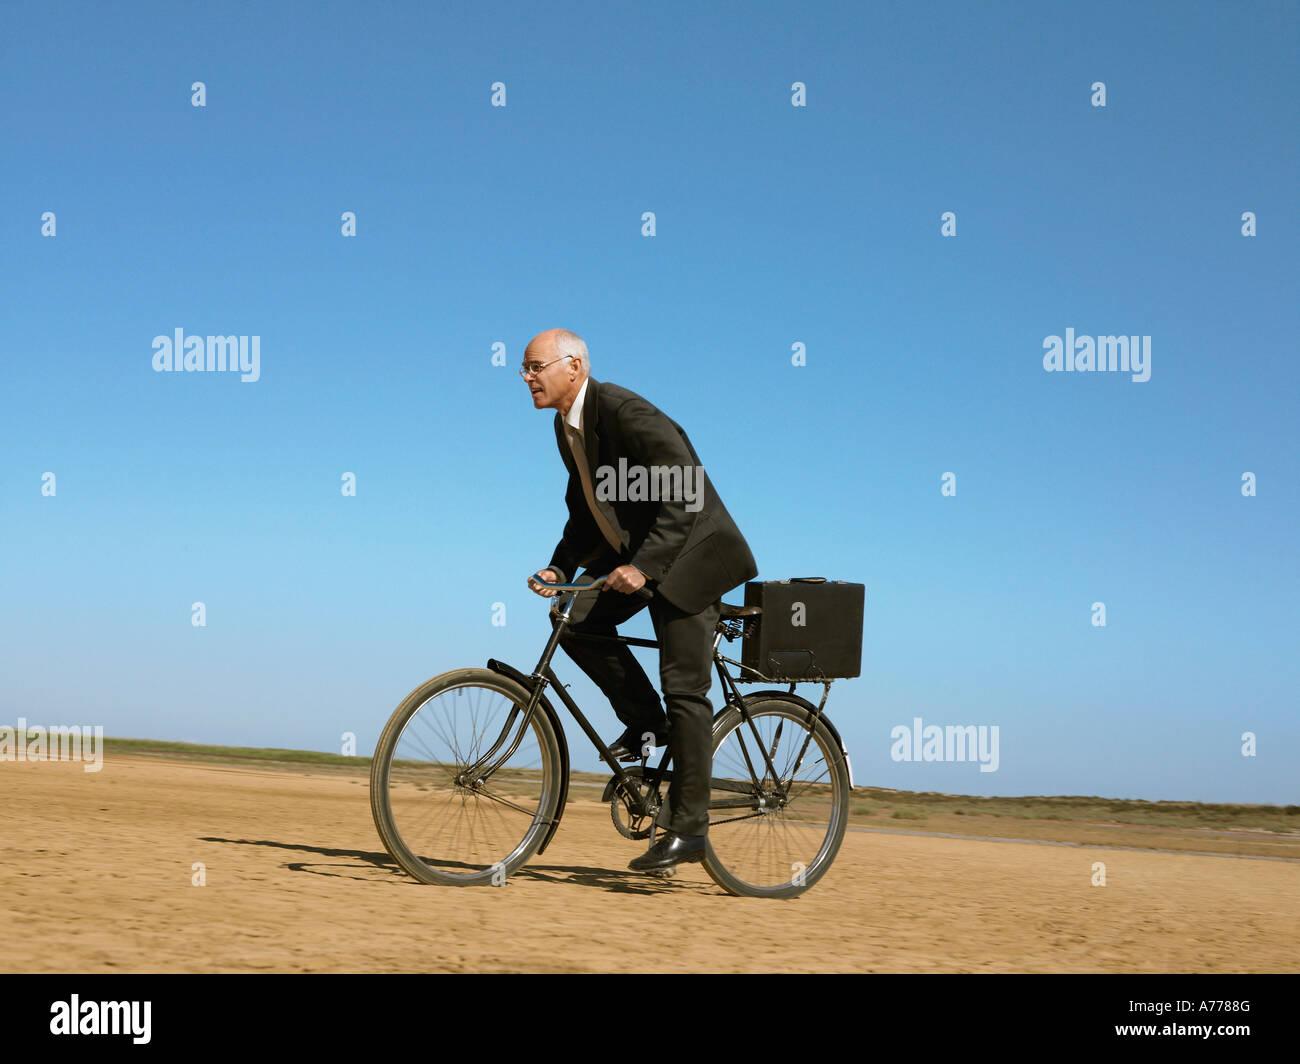 Imprenditore bicicletta equitazione nel deserto Immagini Stock